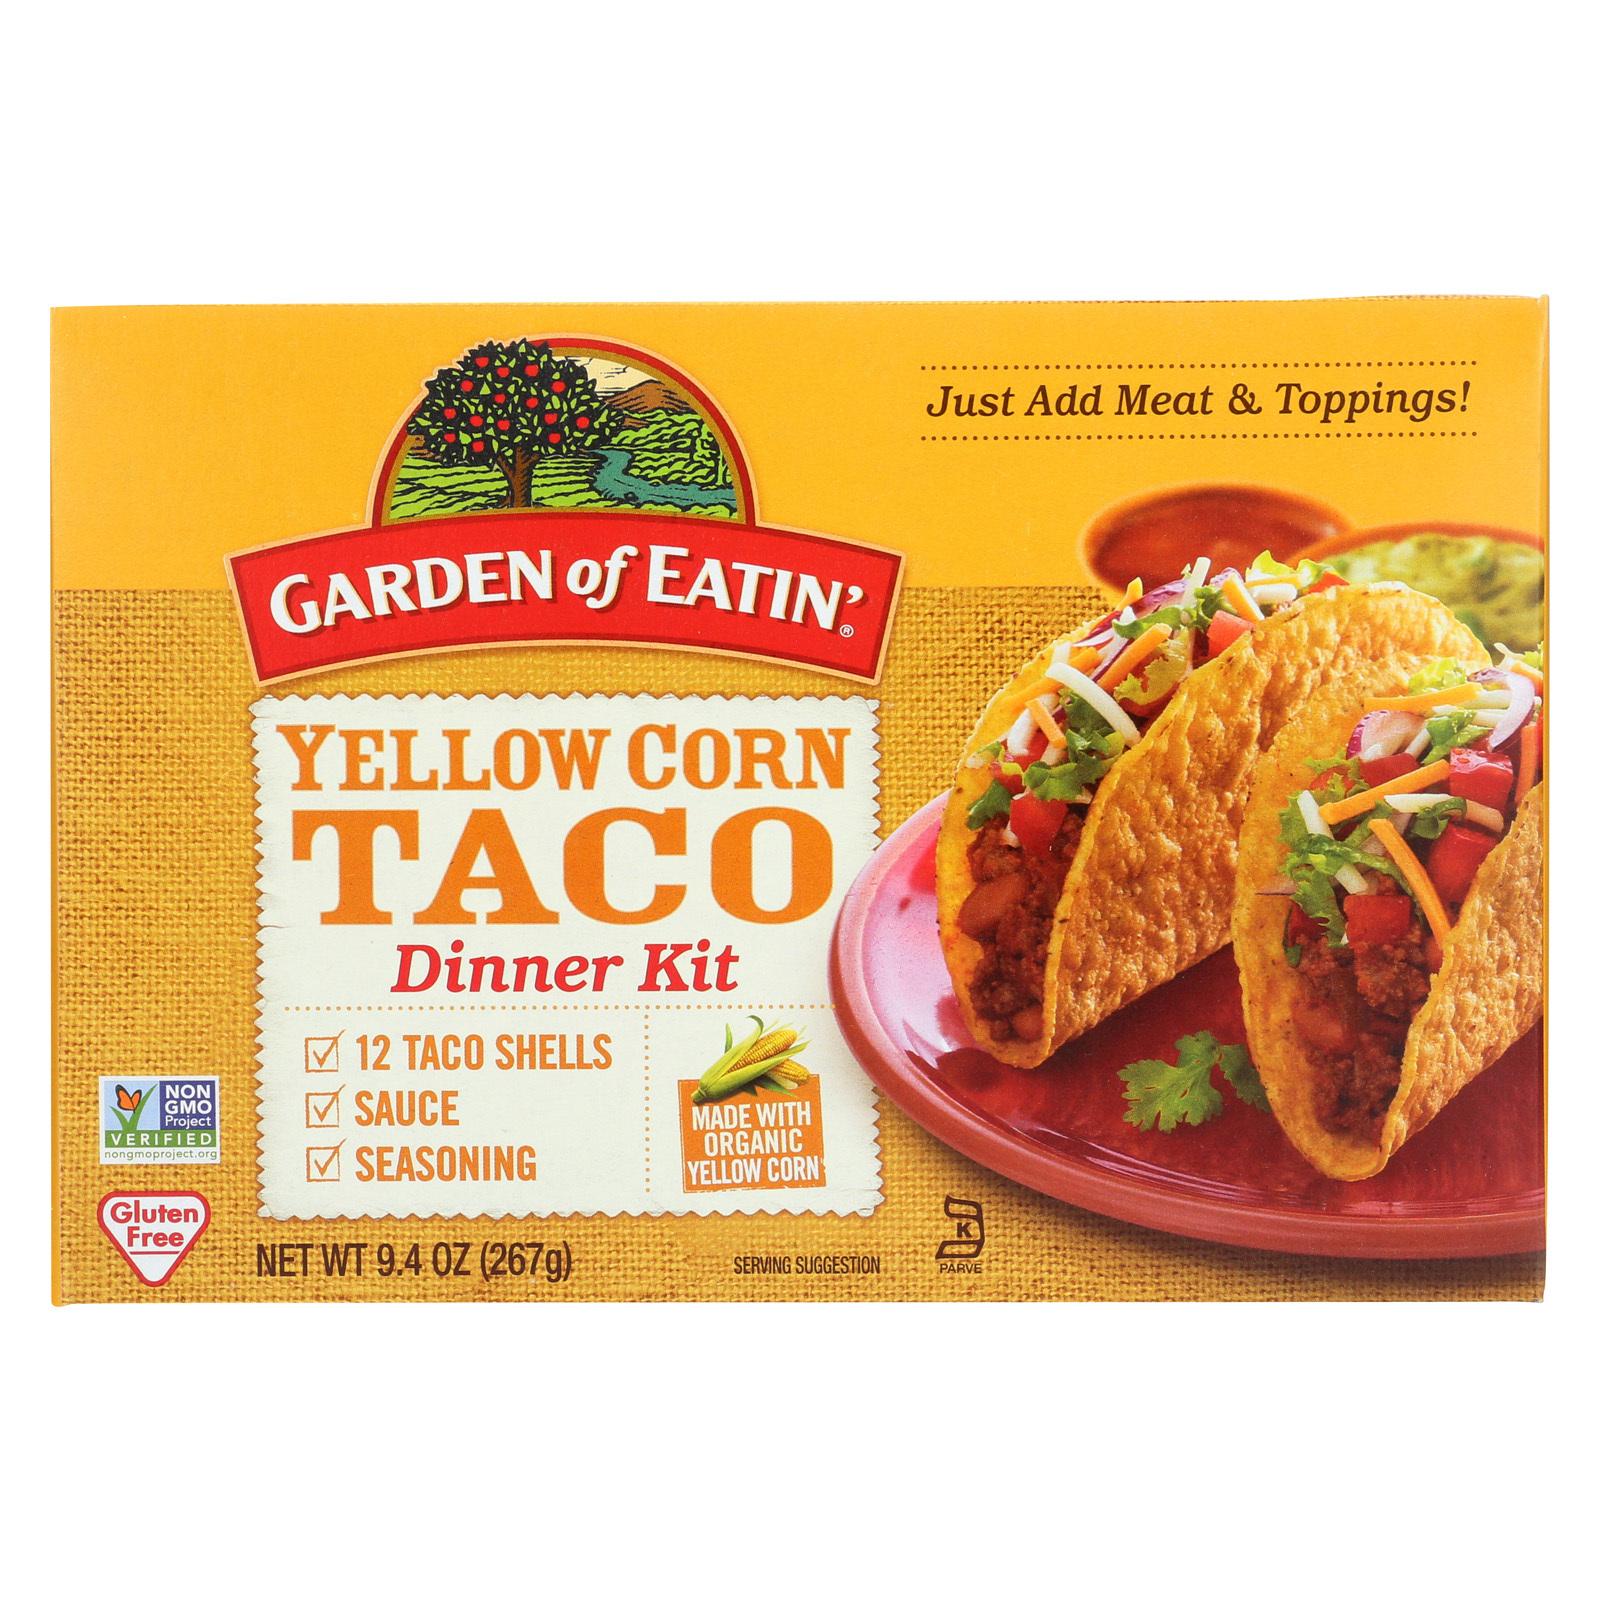 Garden of Eatin' Yellow Corn Taco Dinner Kit - Dinner Kit - Case of 12 - 9.4 oz.